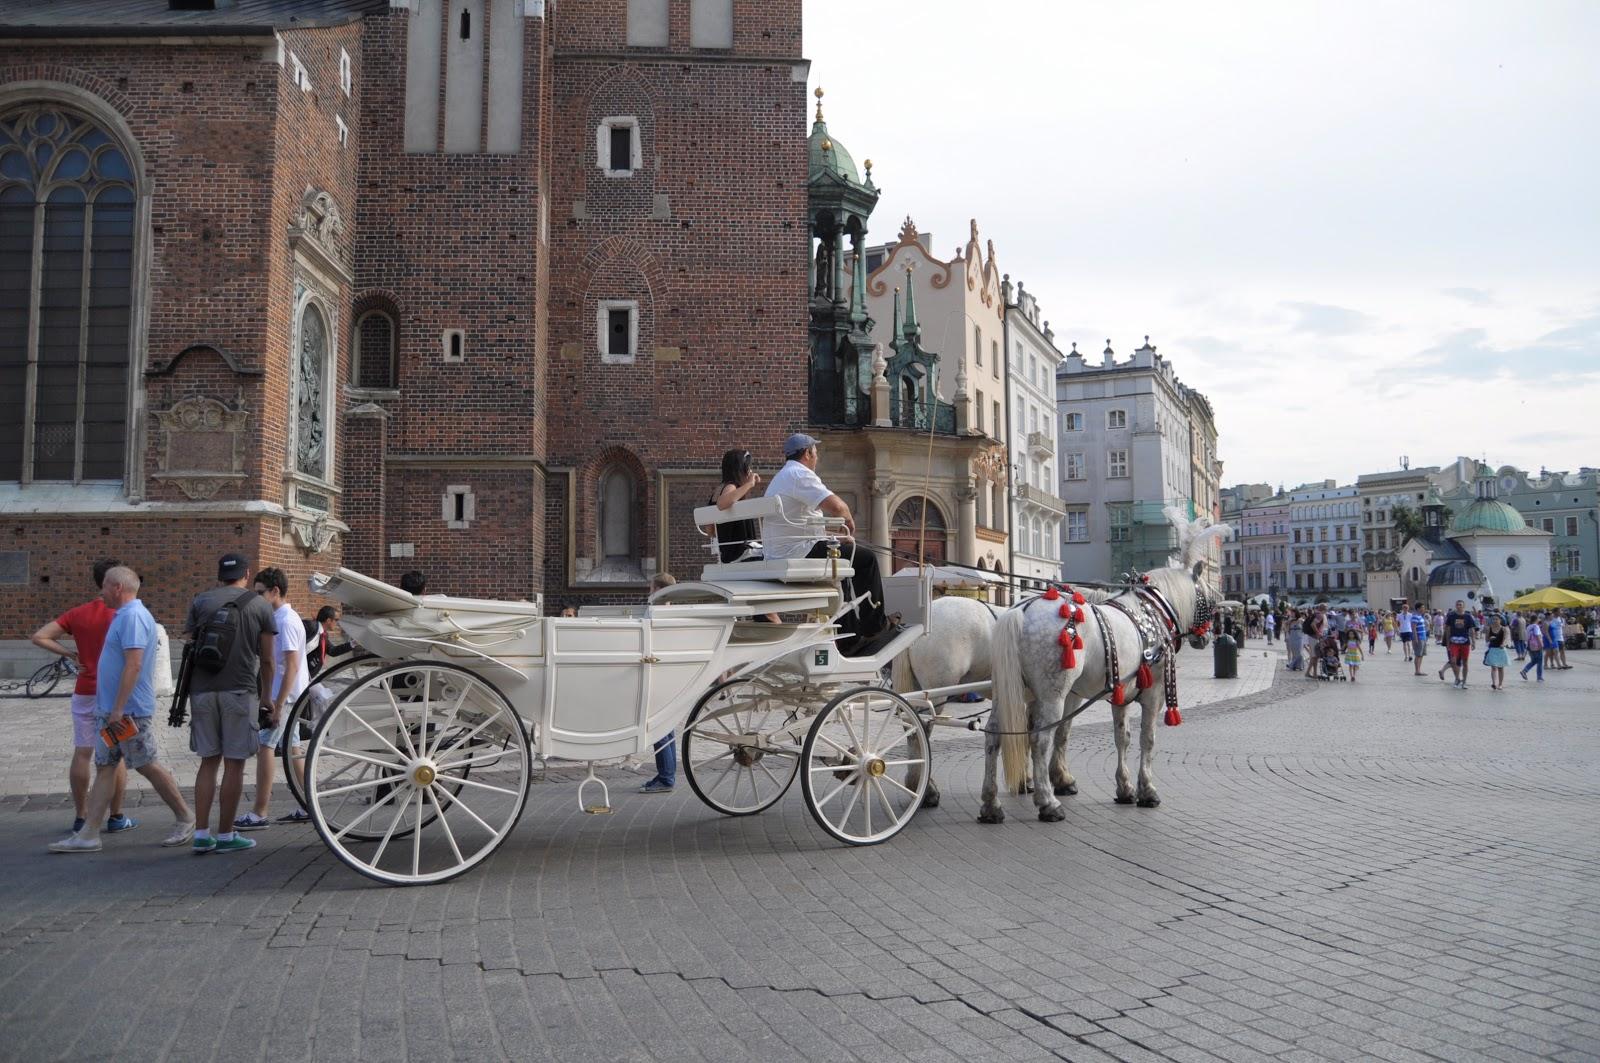 ee44fbcc68a Krakovský Rynek a mnoho turistů (naproti baziliky se nachází proslulá  tržnice s kýčovitými suvenýry)